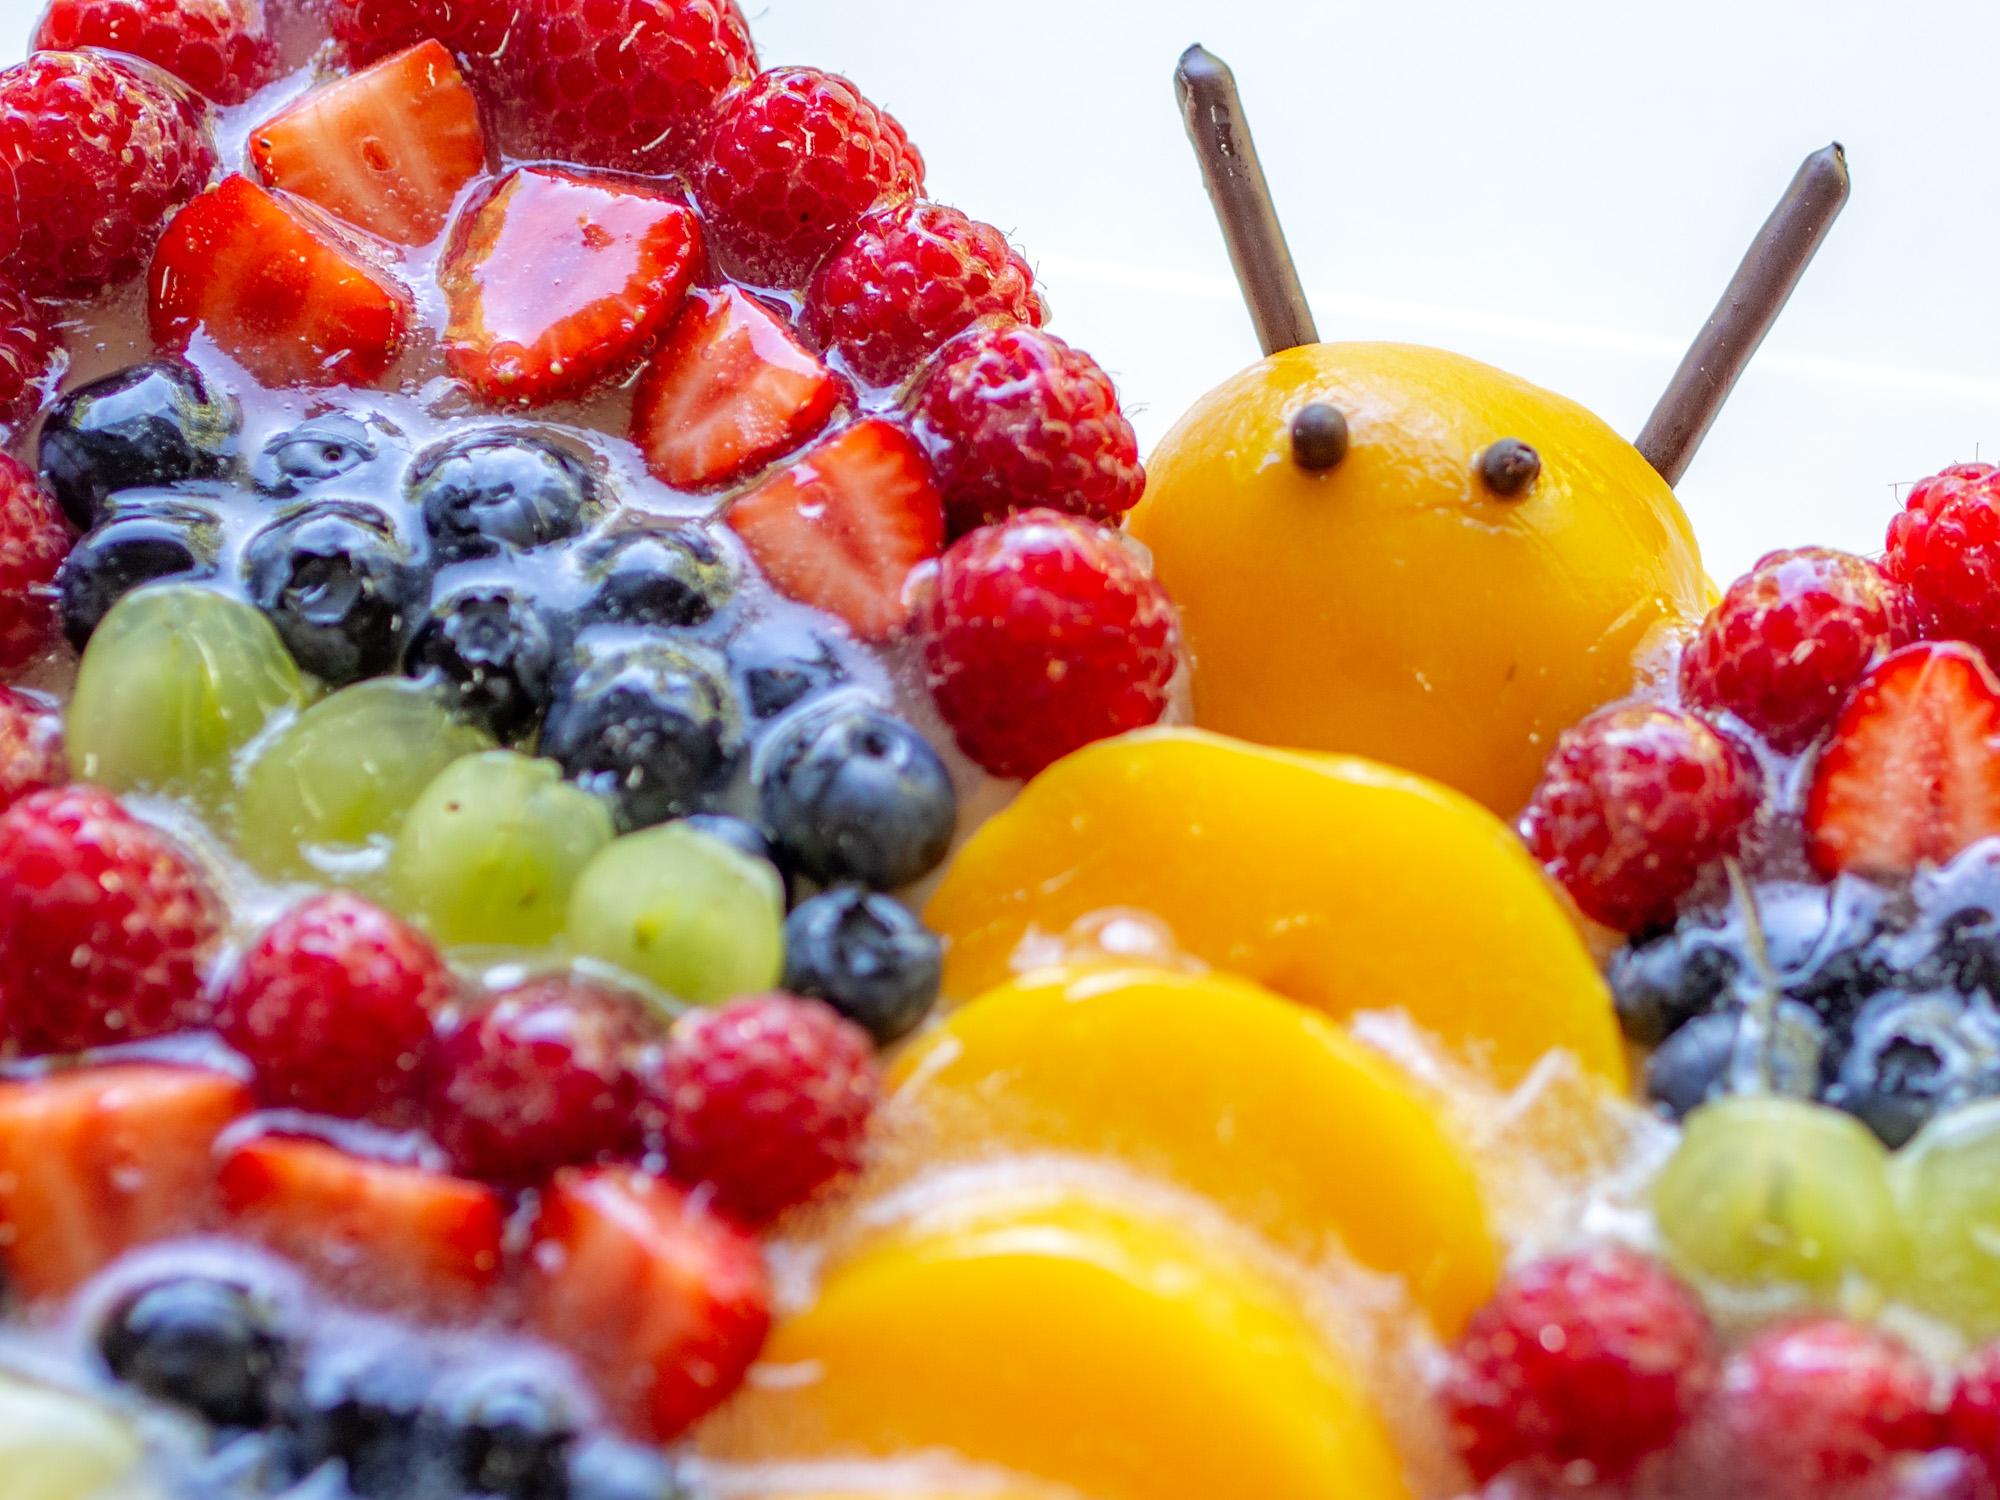 Bunter Schmetterlingstorte Mit Viel Obst Dekoriert Perfekt Für Kinder